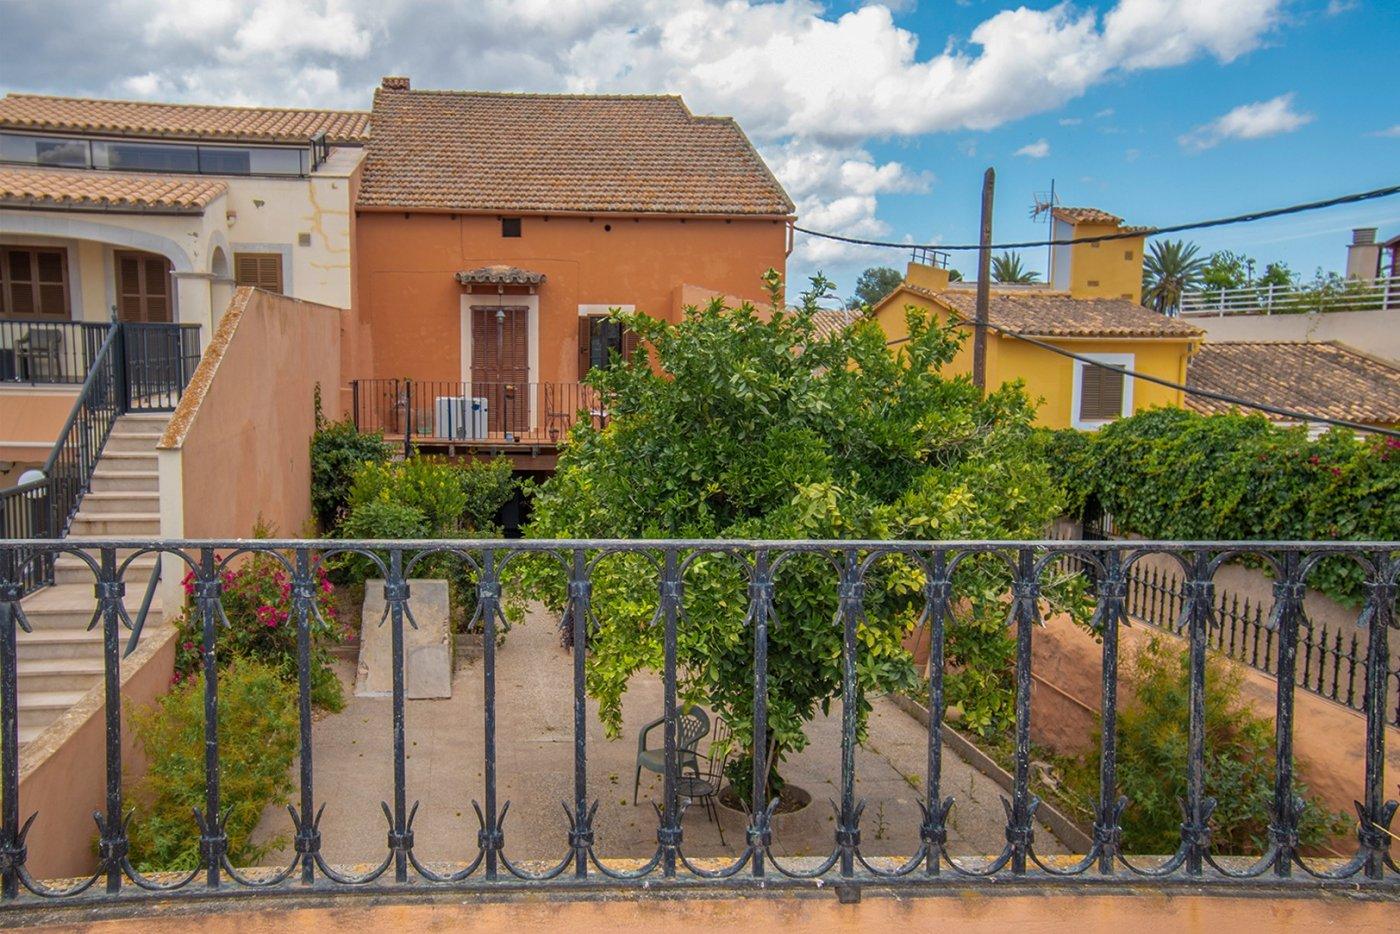 Casa unifamilair con garaje, jardÍn y terraza en la vileta. - imagenInmueble31